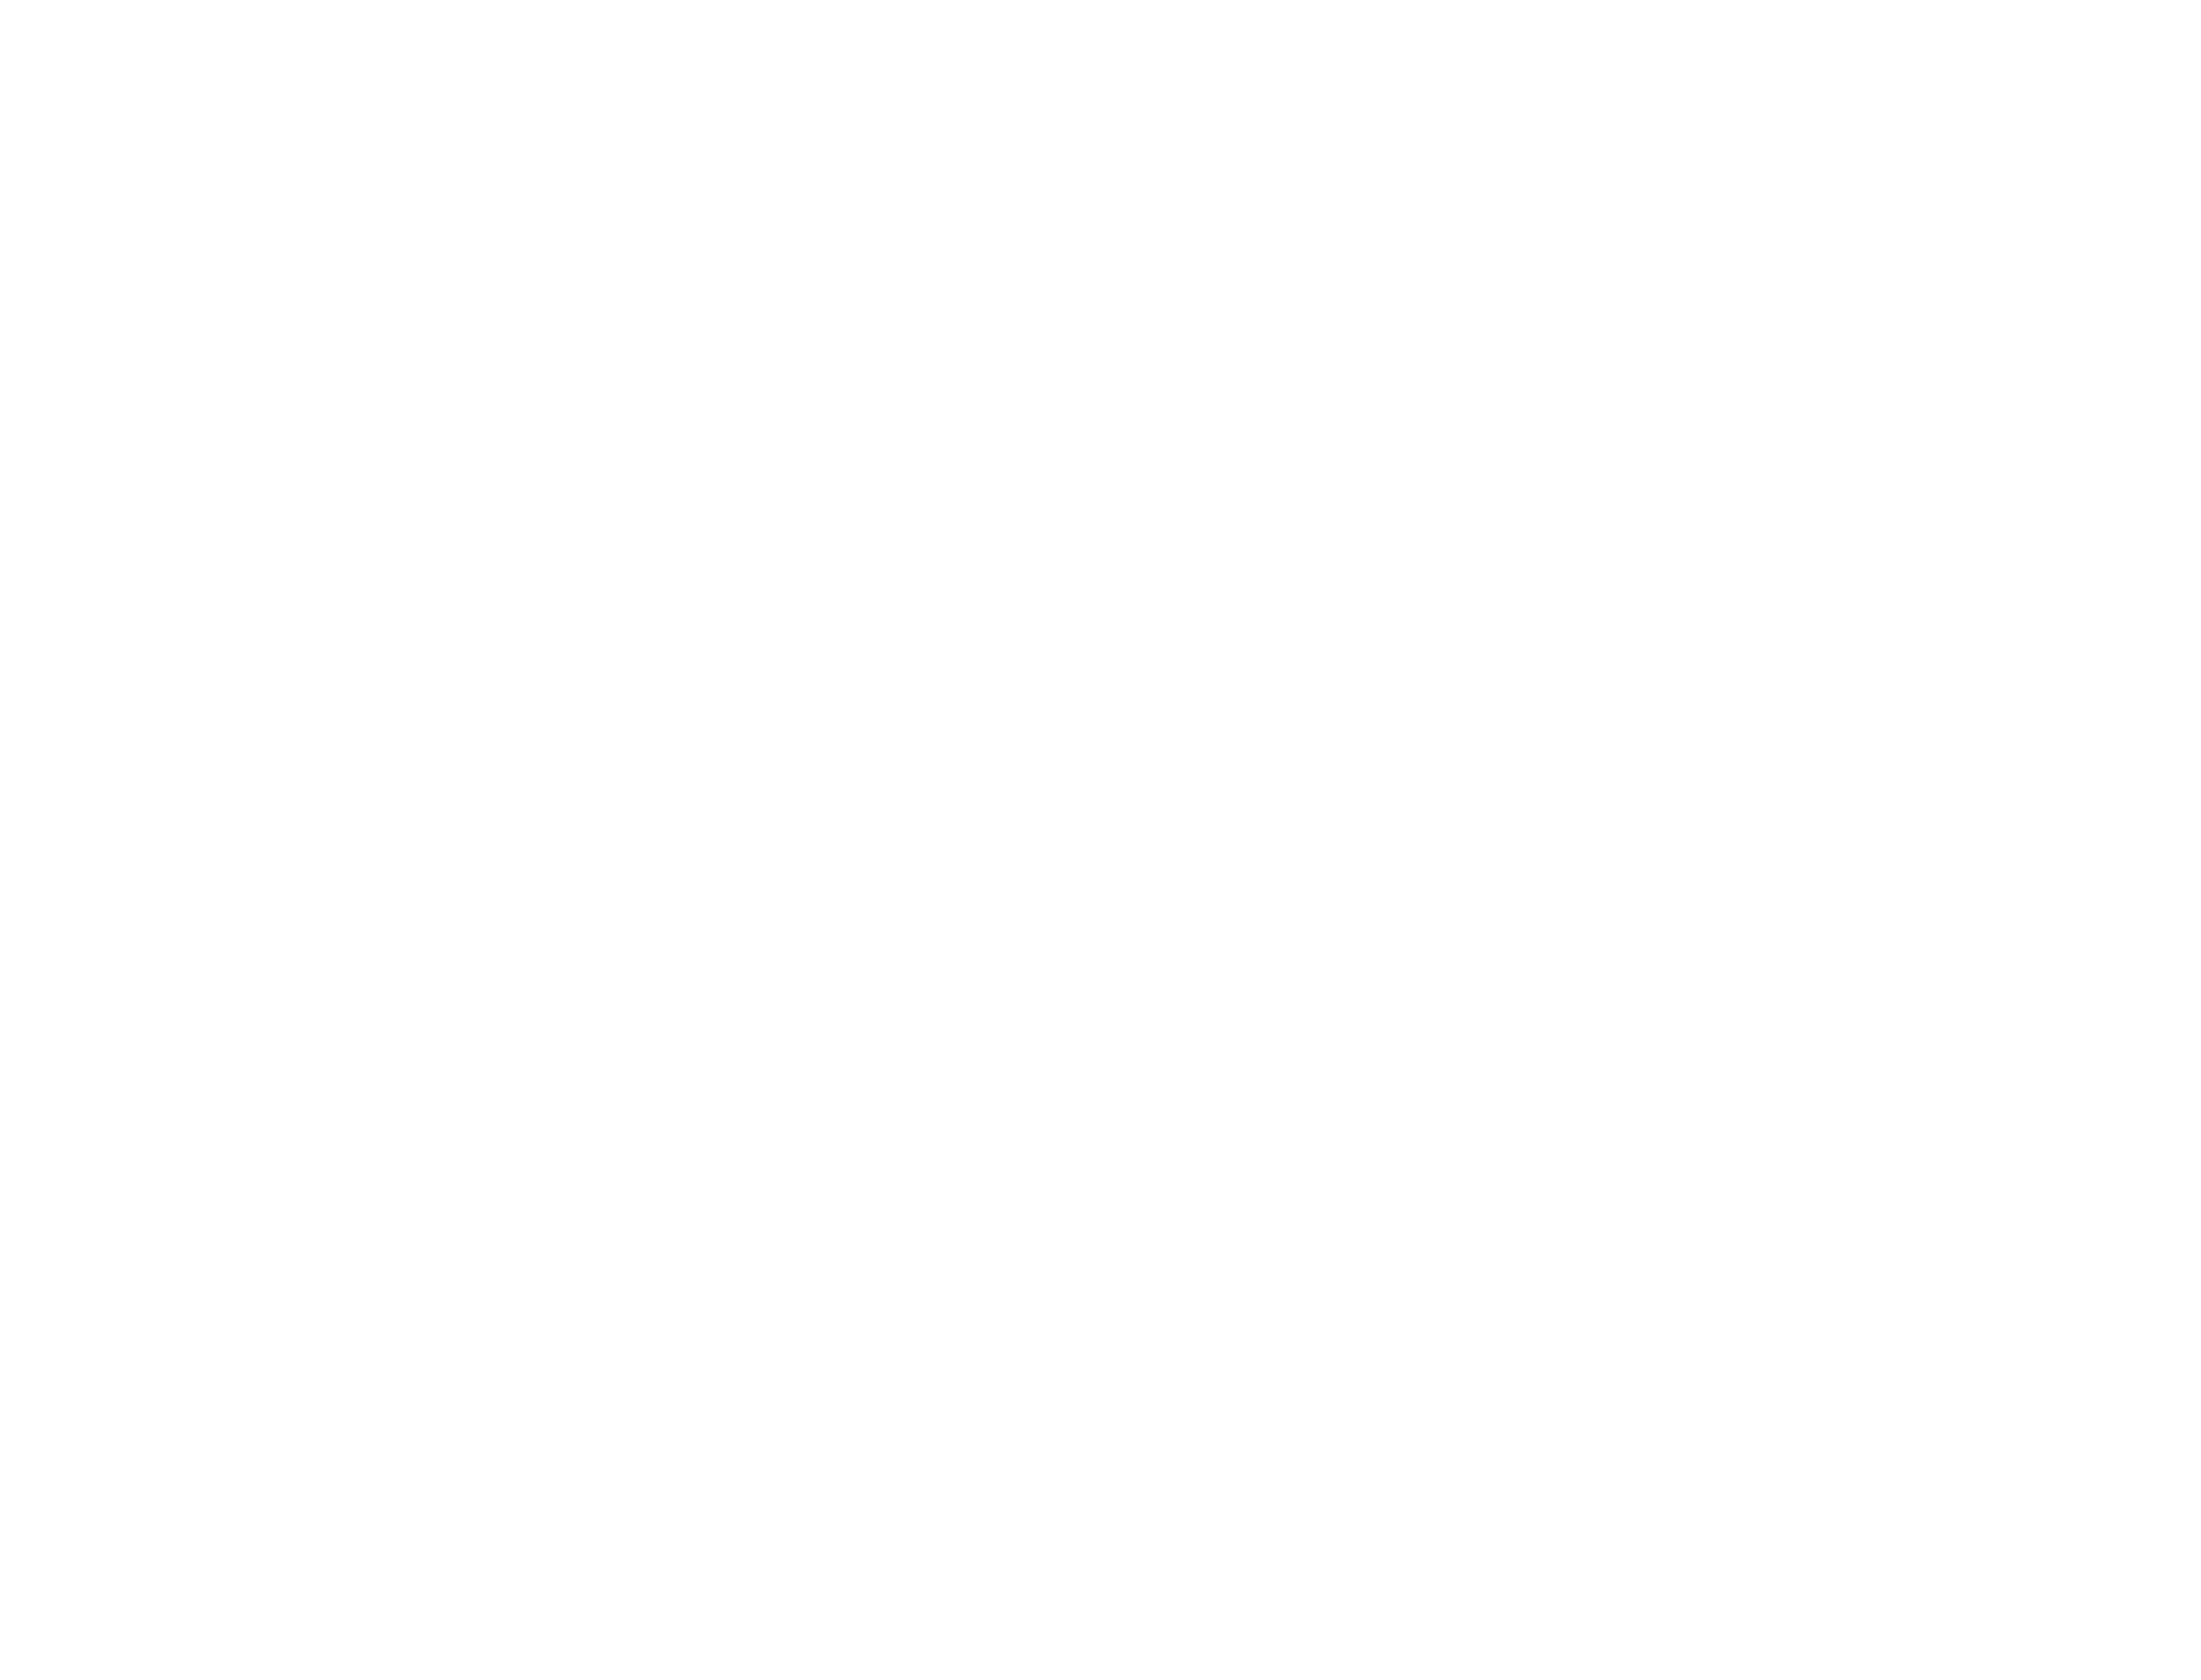 Profesion-de-resultado